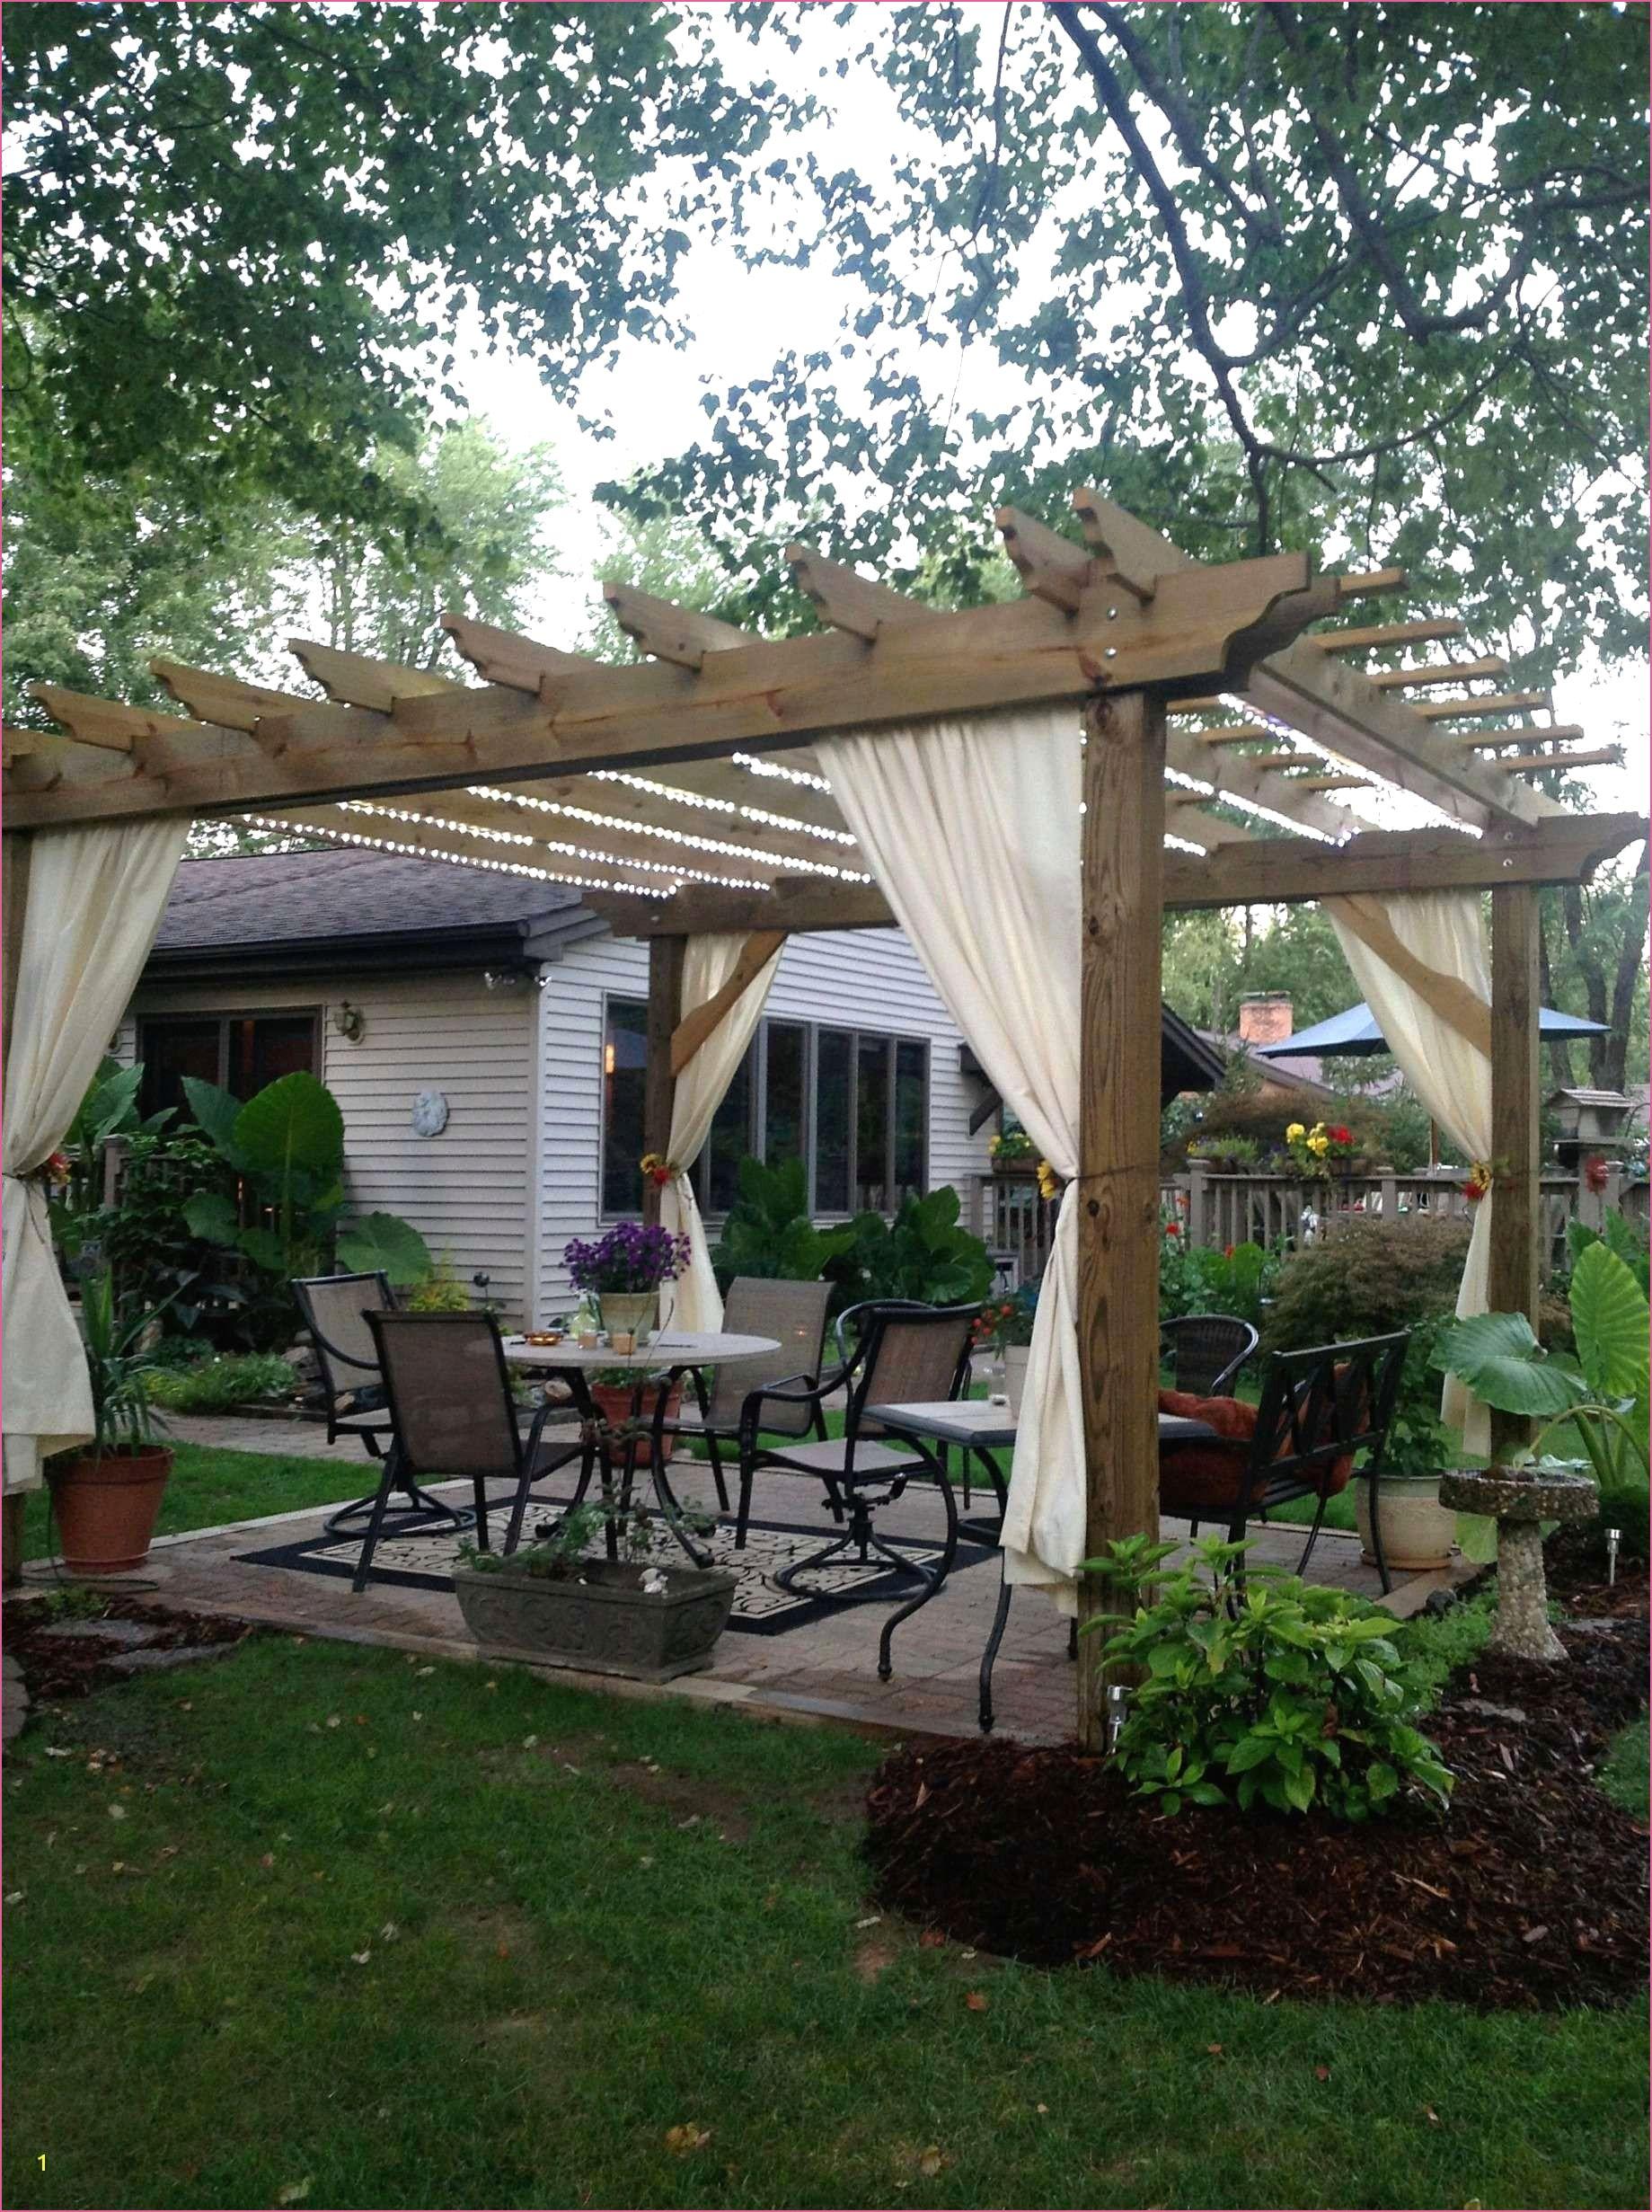 Hochbeet Abdeckung Plexiglas Gartengestaltung Ideen Gartengestaltung Paletten Garten